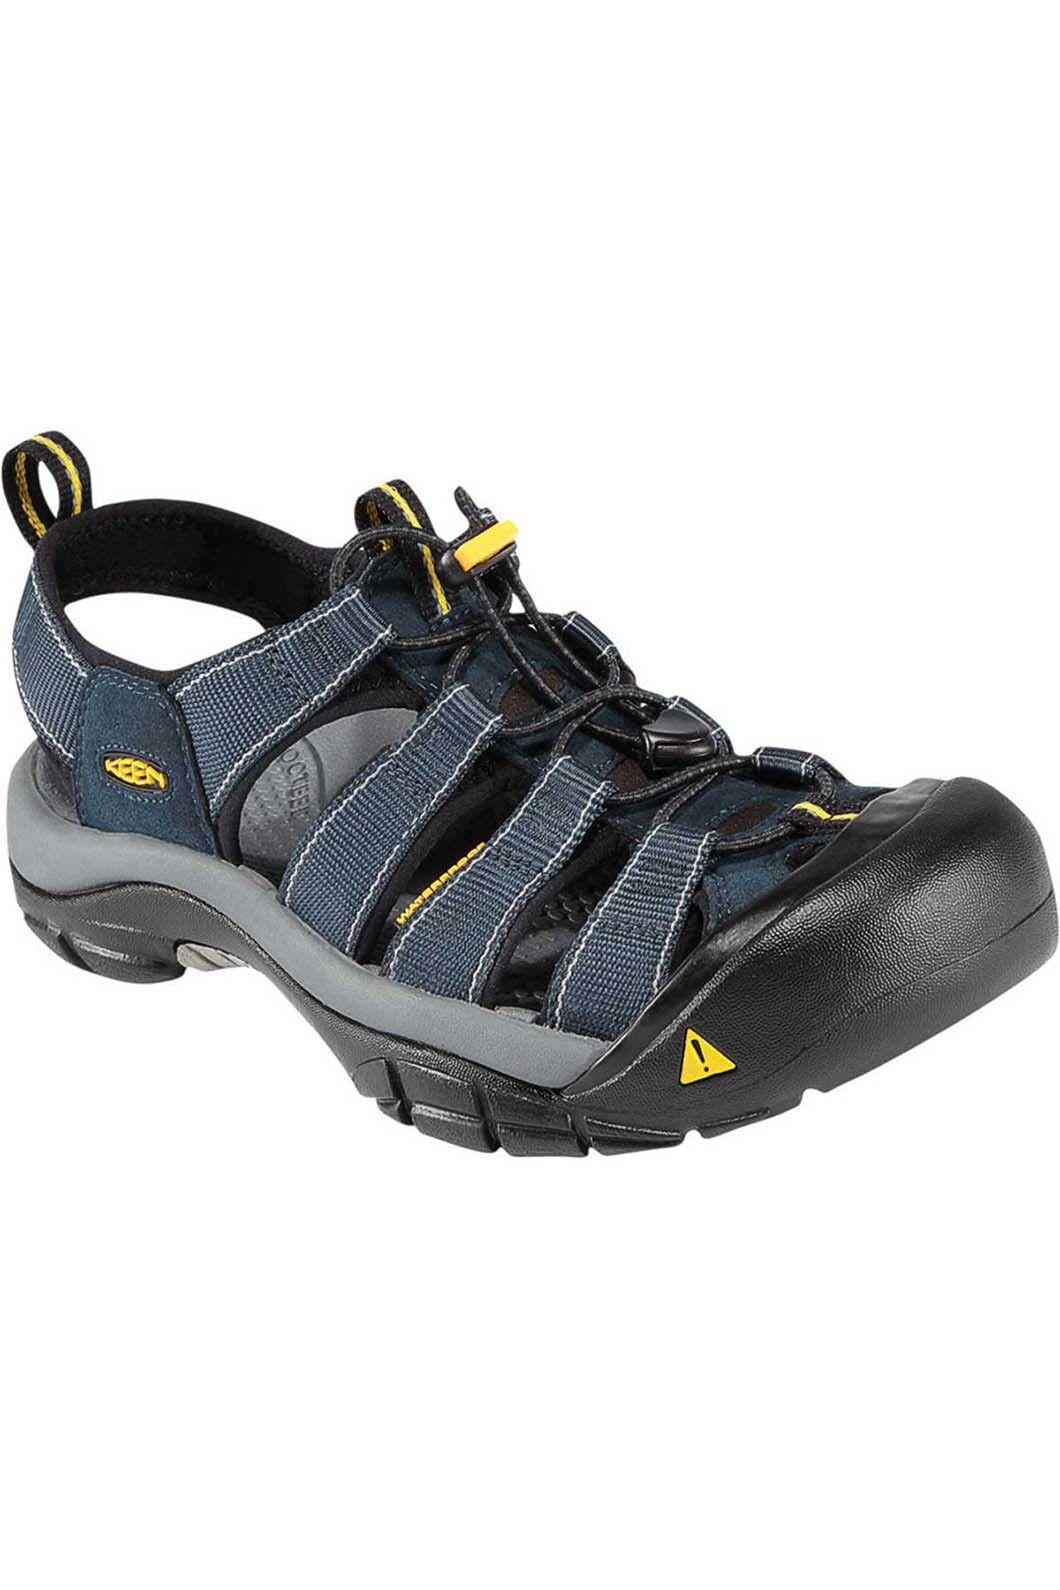 Keen Newport H2 Sandals — Men's, Navy/Medium Grey, hi-res